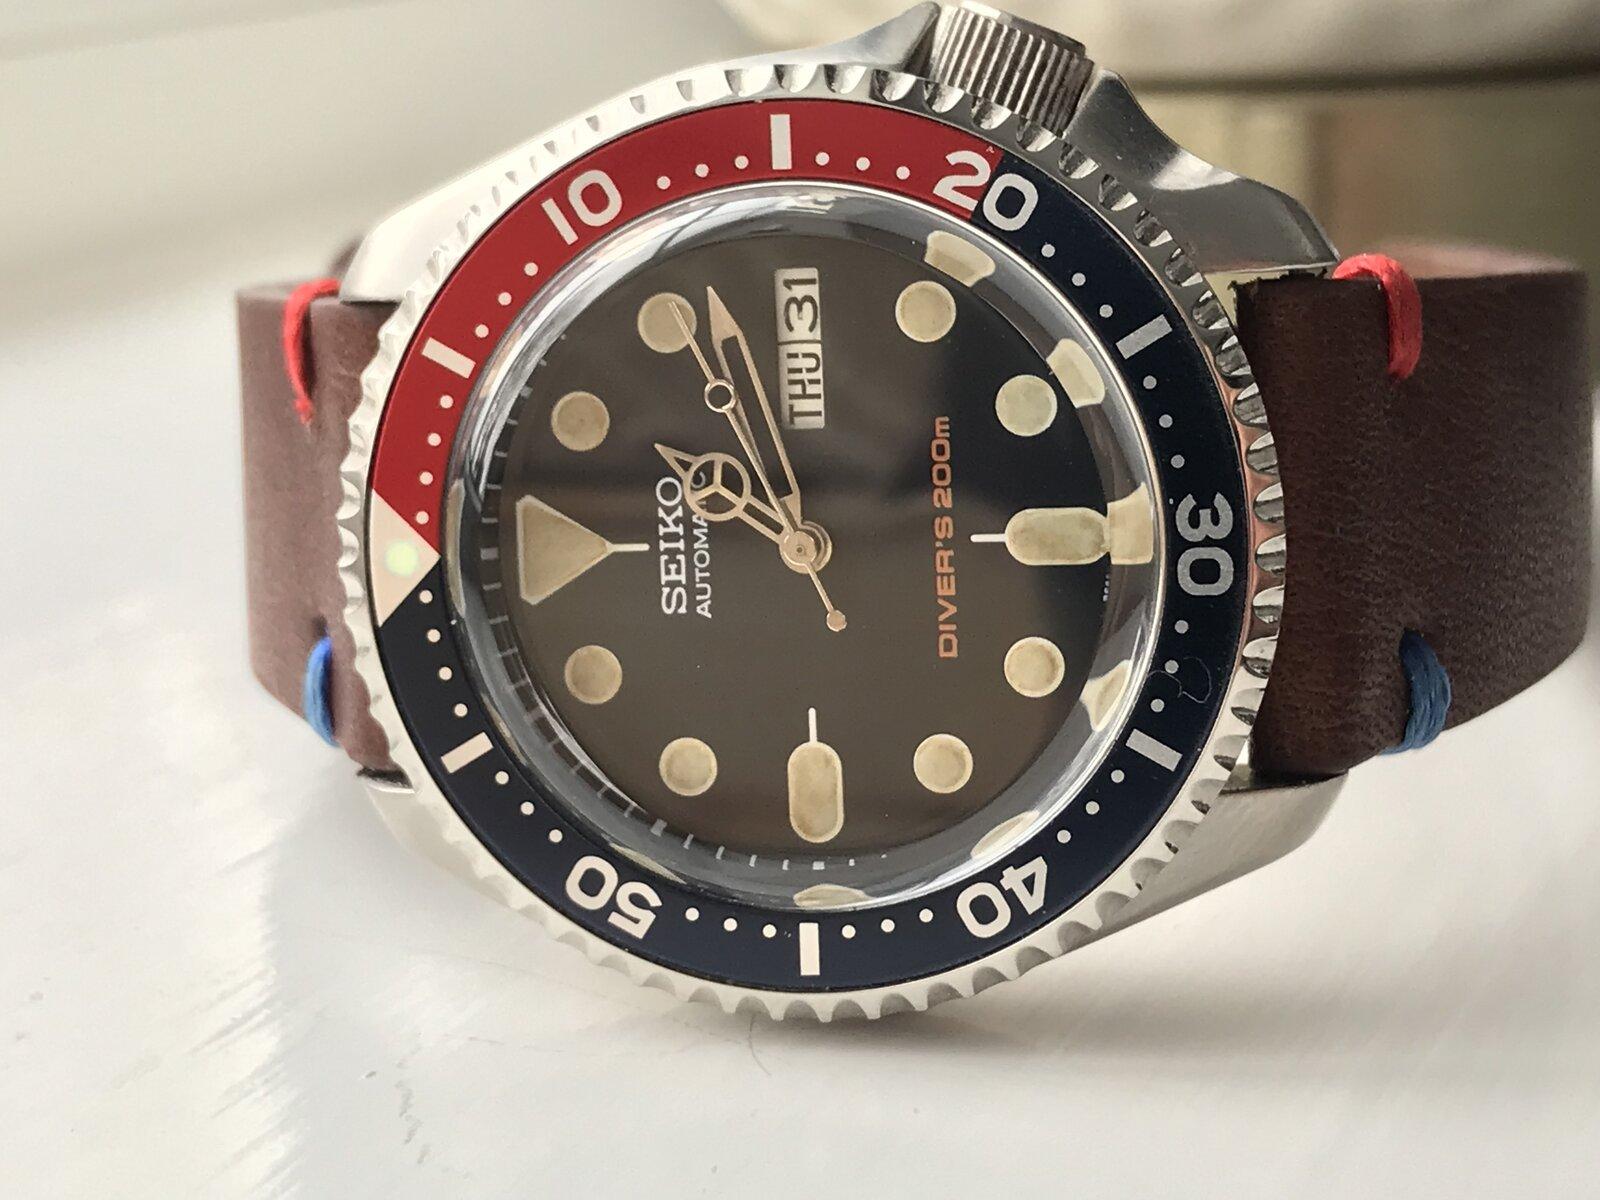 70B104E7-3FA5-4C72-AC8A-F40E9A89F49B.